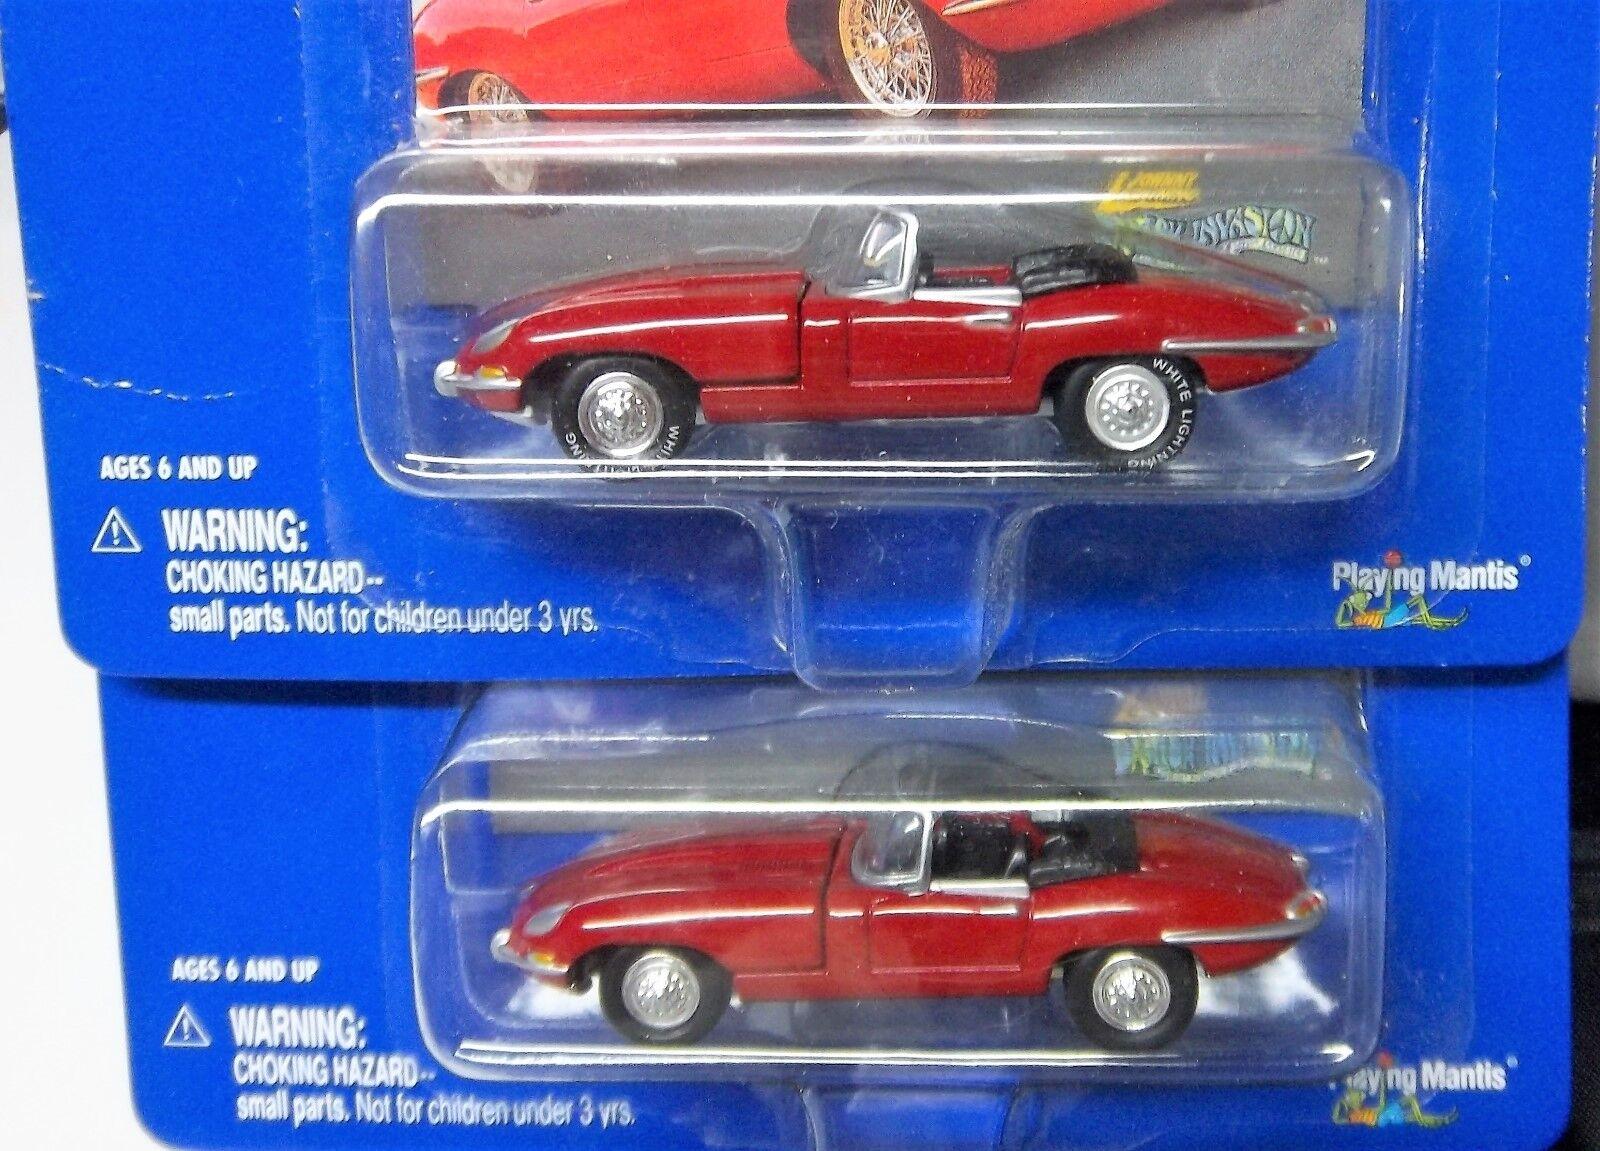 2 JAGUAR 62 RED XKE JOHNNY LIGHTNING 1 WHITE LIGHTNING 1 NORMAL 1962 XKE JAGUAR